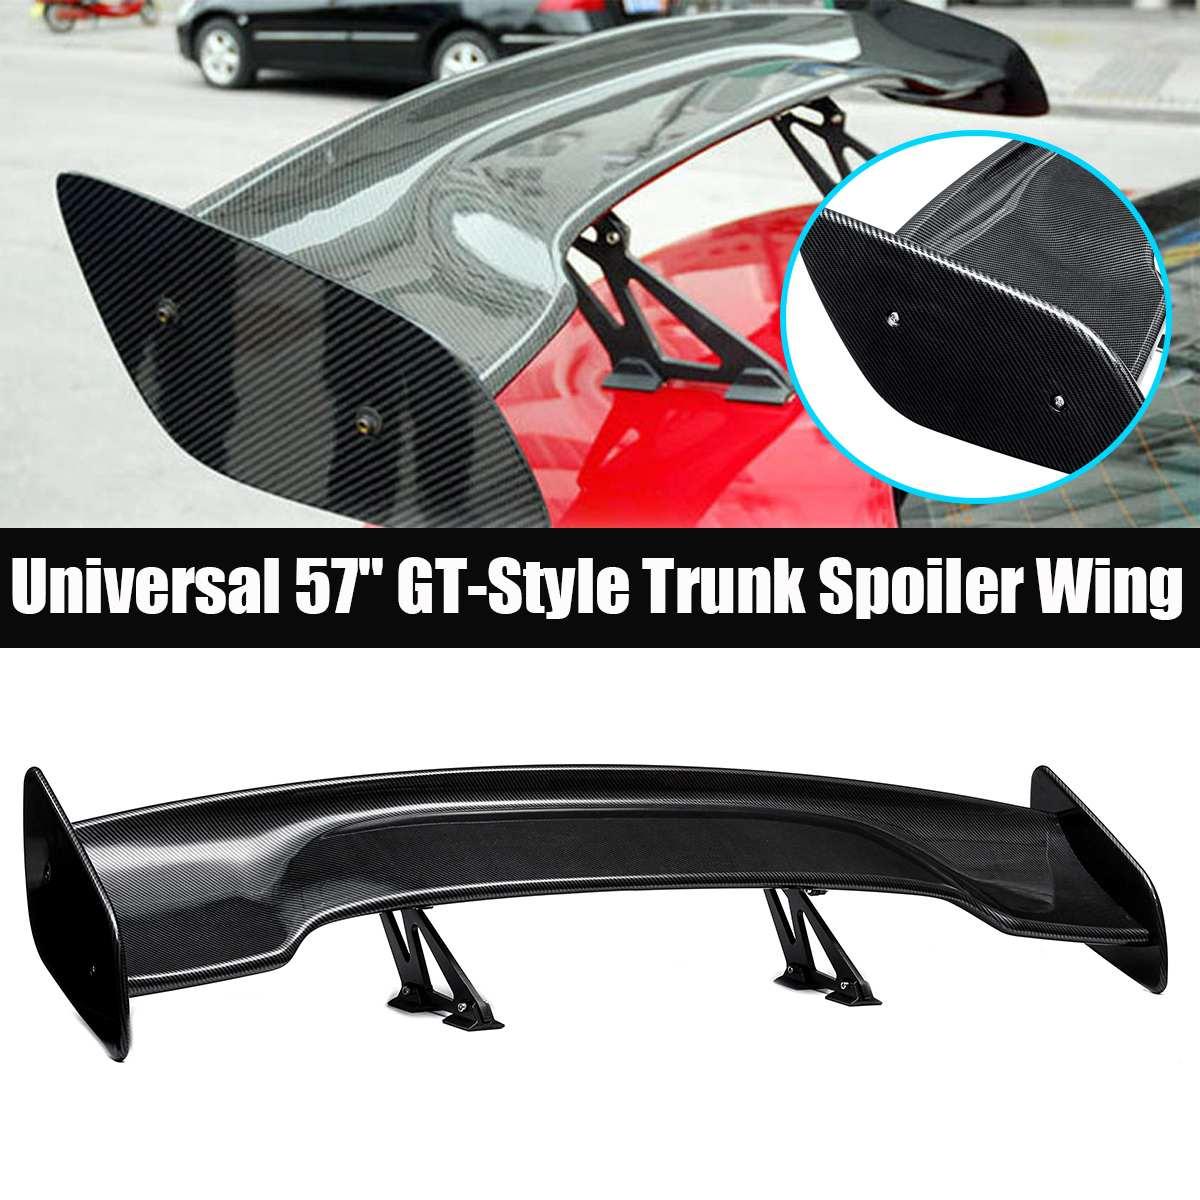 Universal cauda do carro tronco traseiro spoiler 145cm estilo fibra de carbono gt asa para bmw para mazda para hyundai para audi estilo do carro